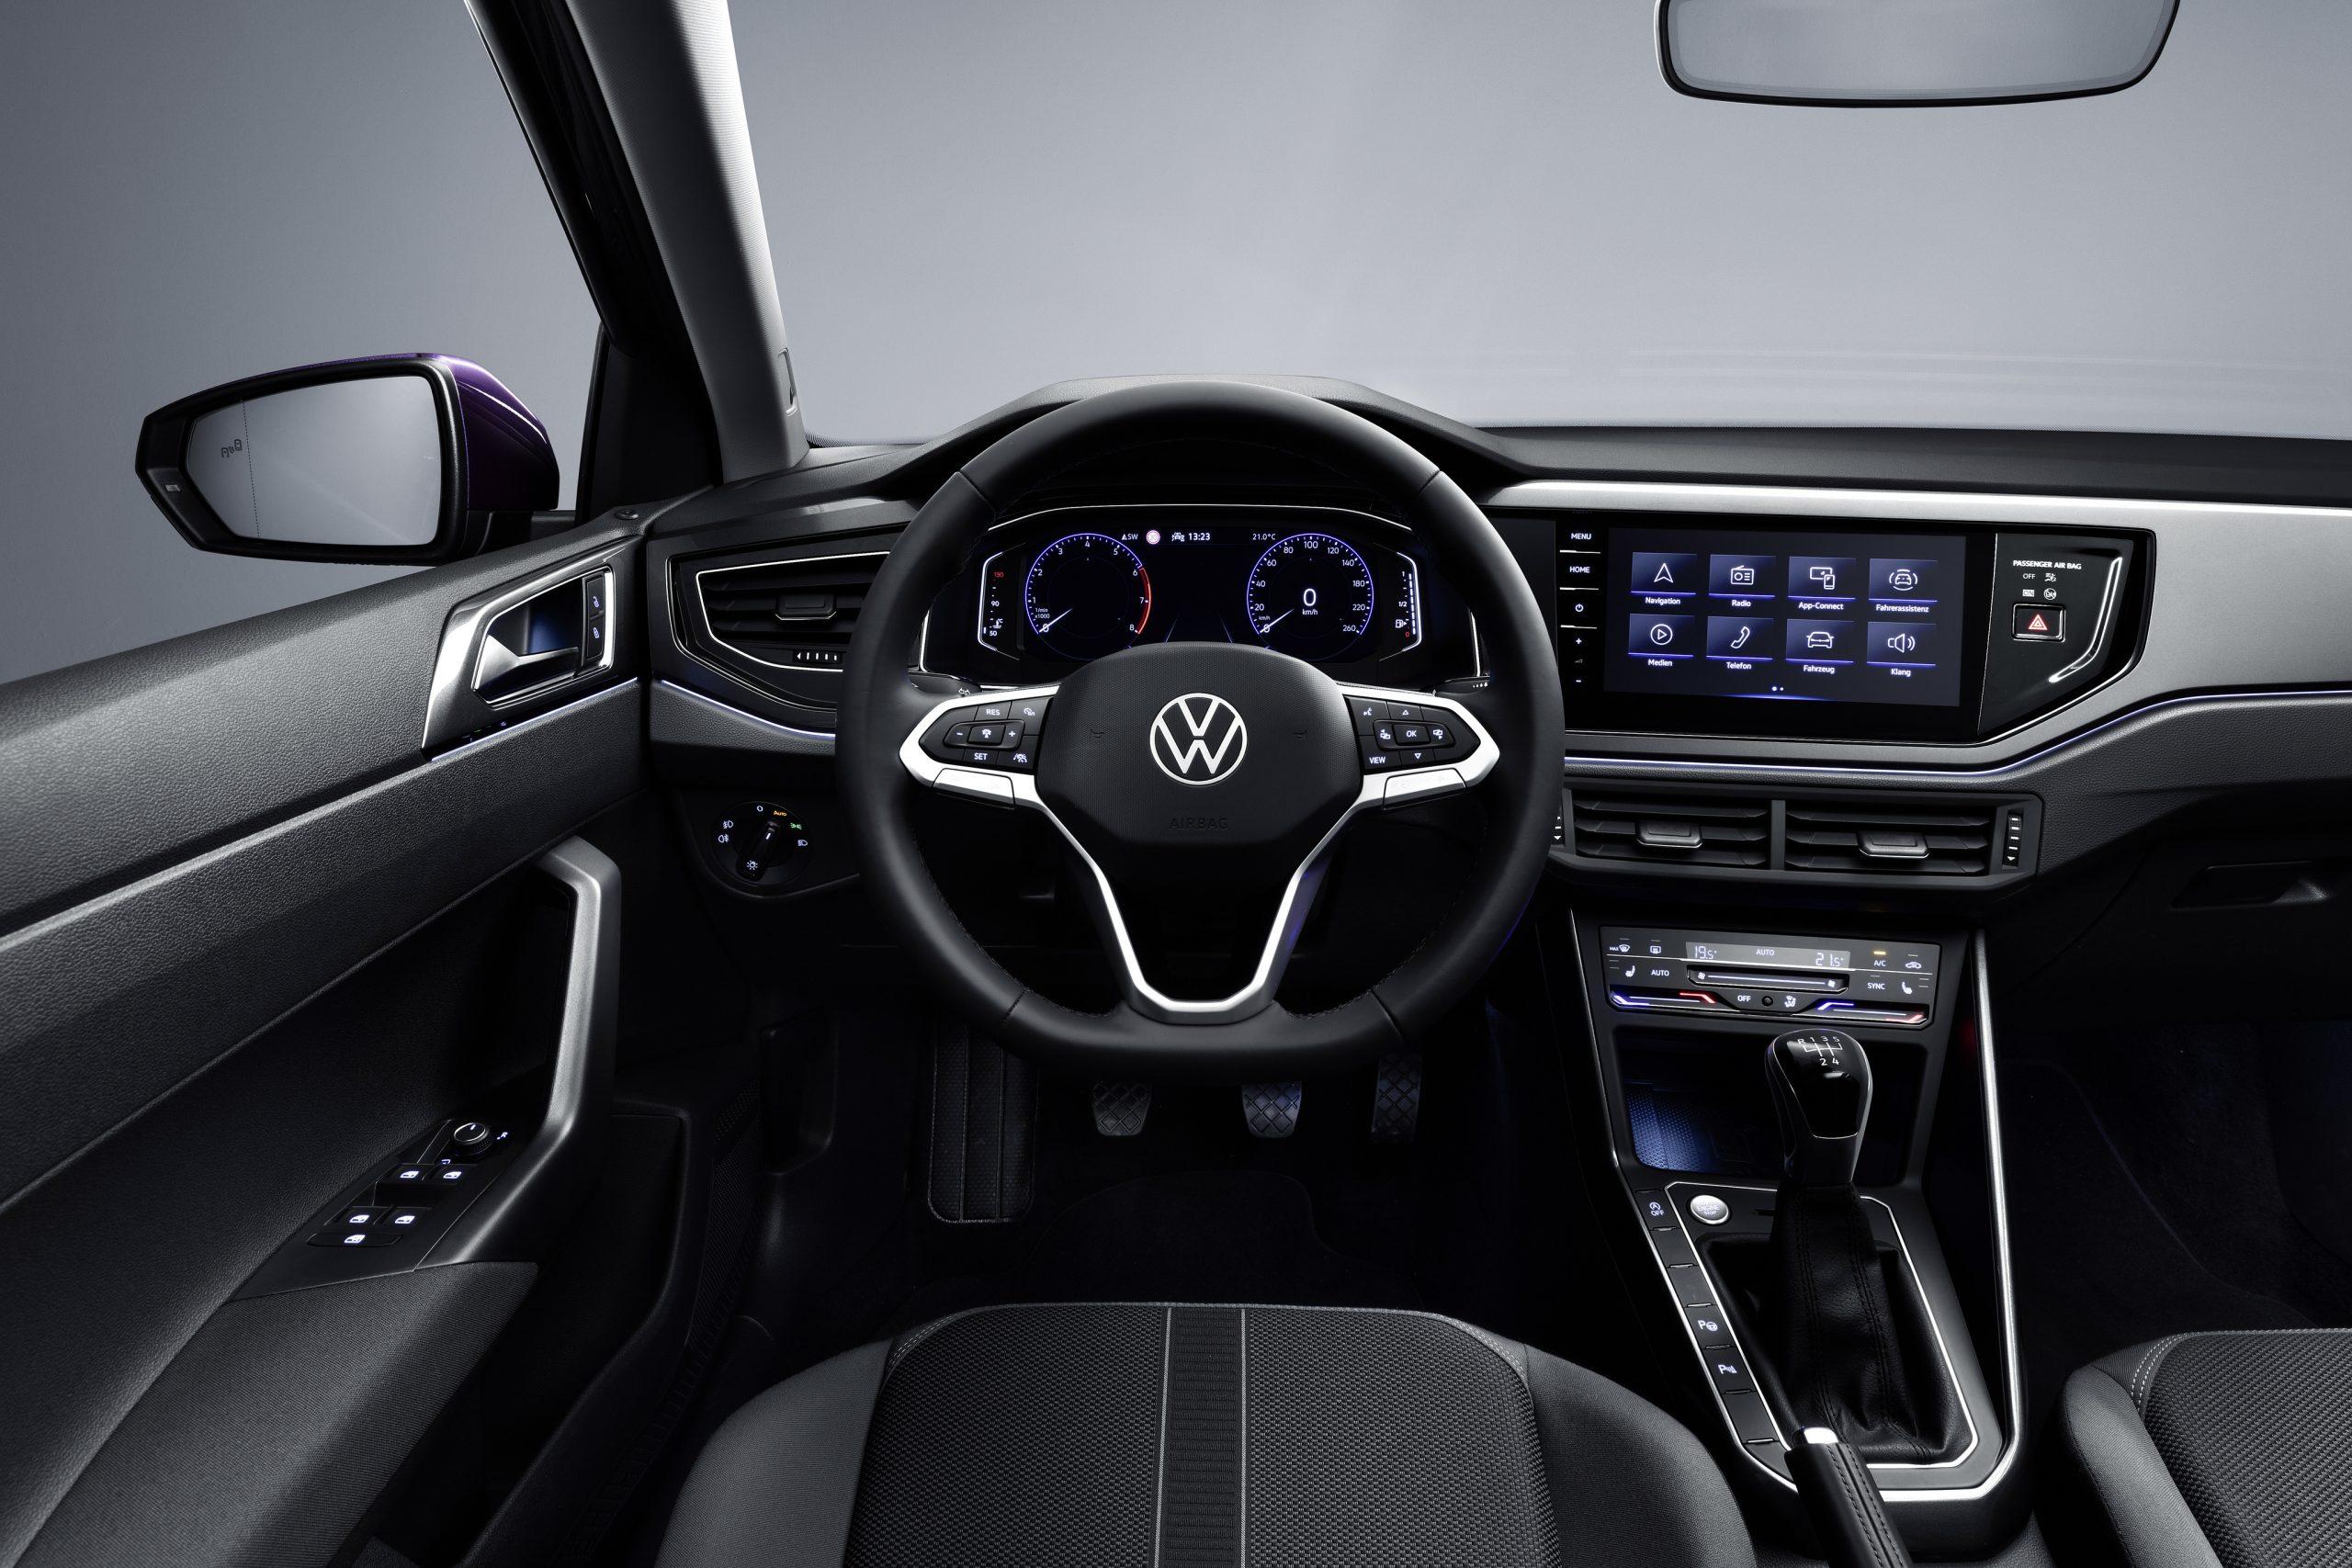 nuova polo volkswagen interni